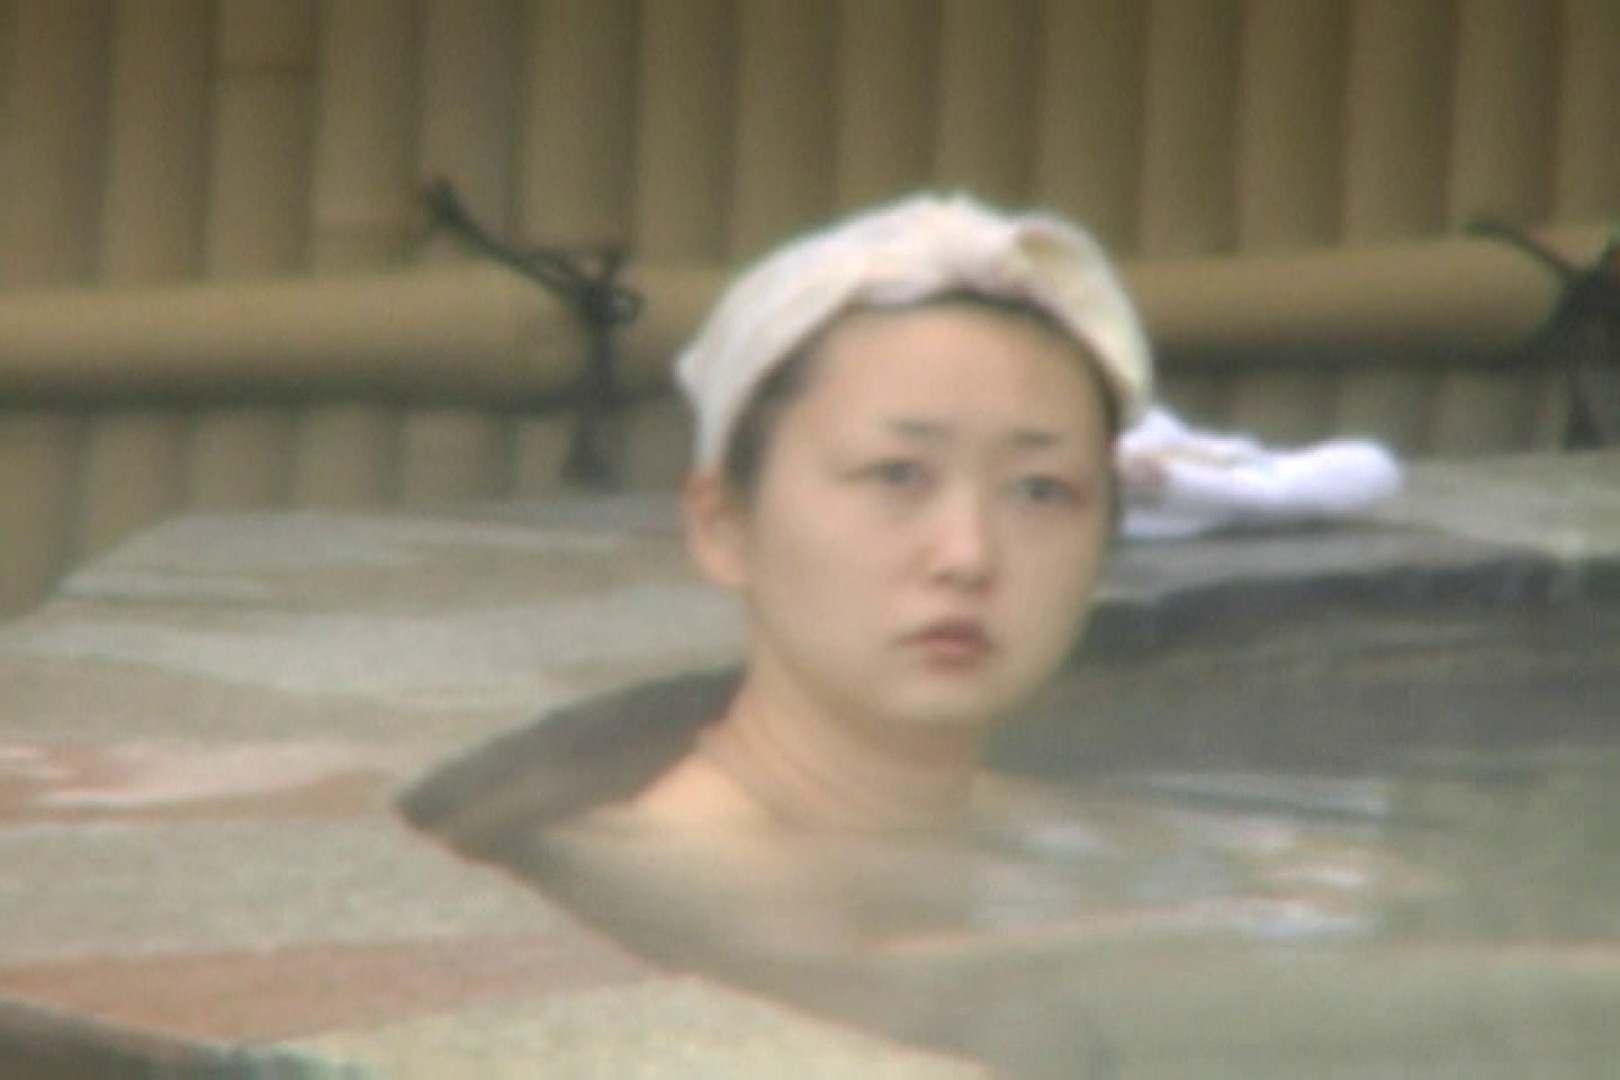 Aquaな露天風呂Vol.564 美しいOLの裸体   盗撮師作品  100pic 52